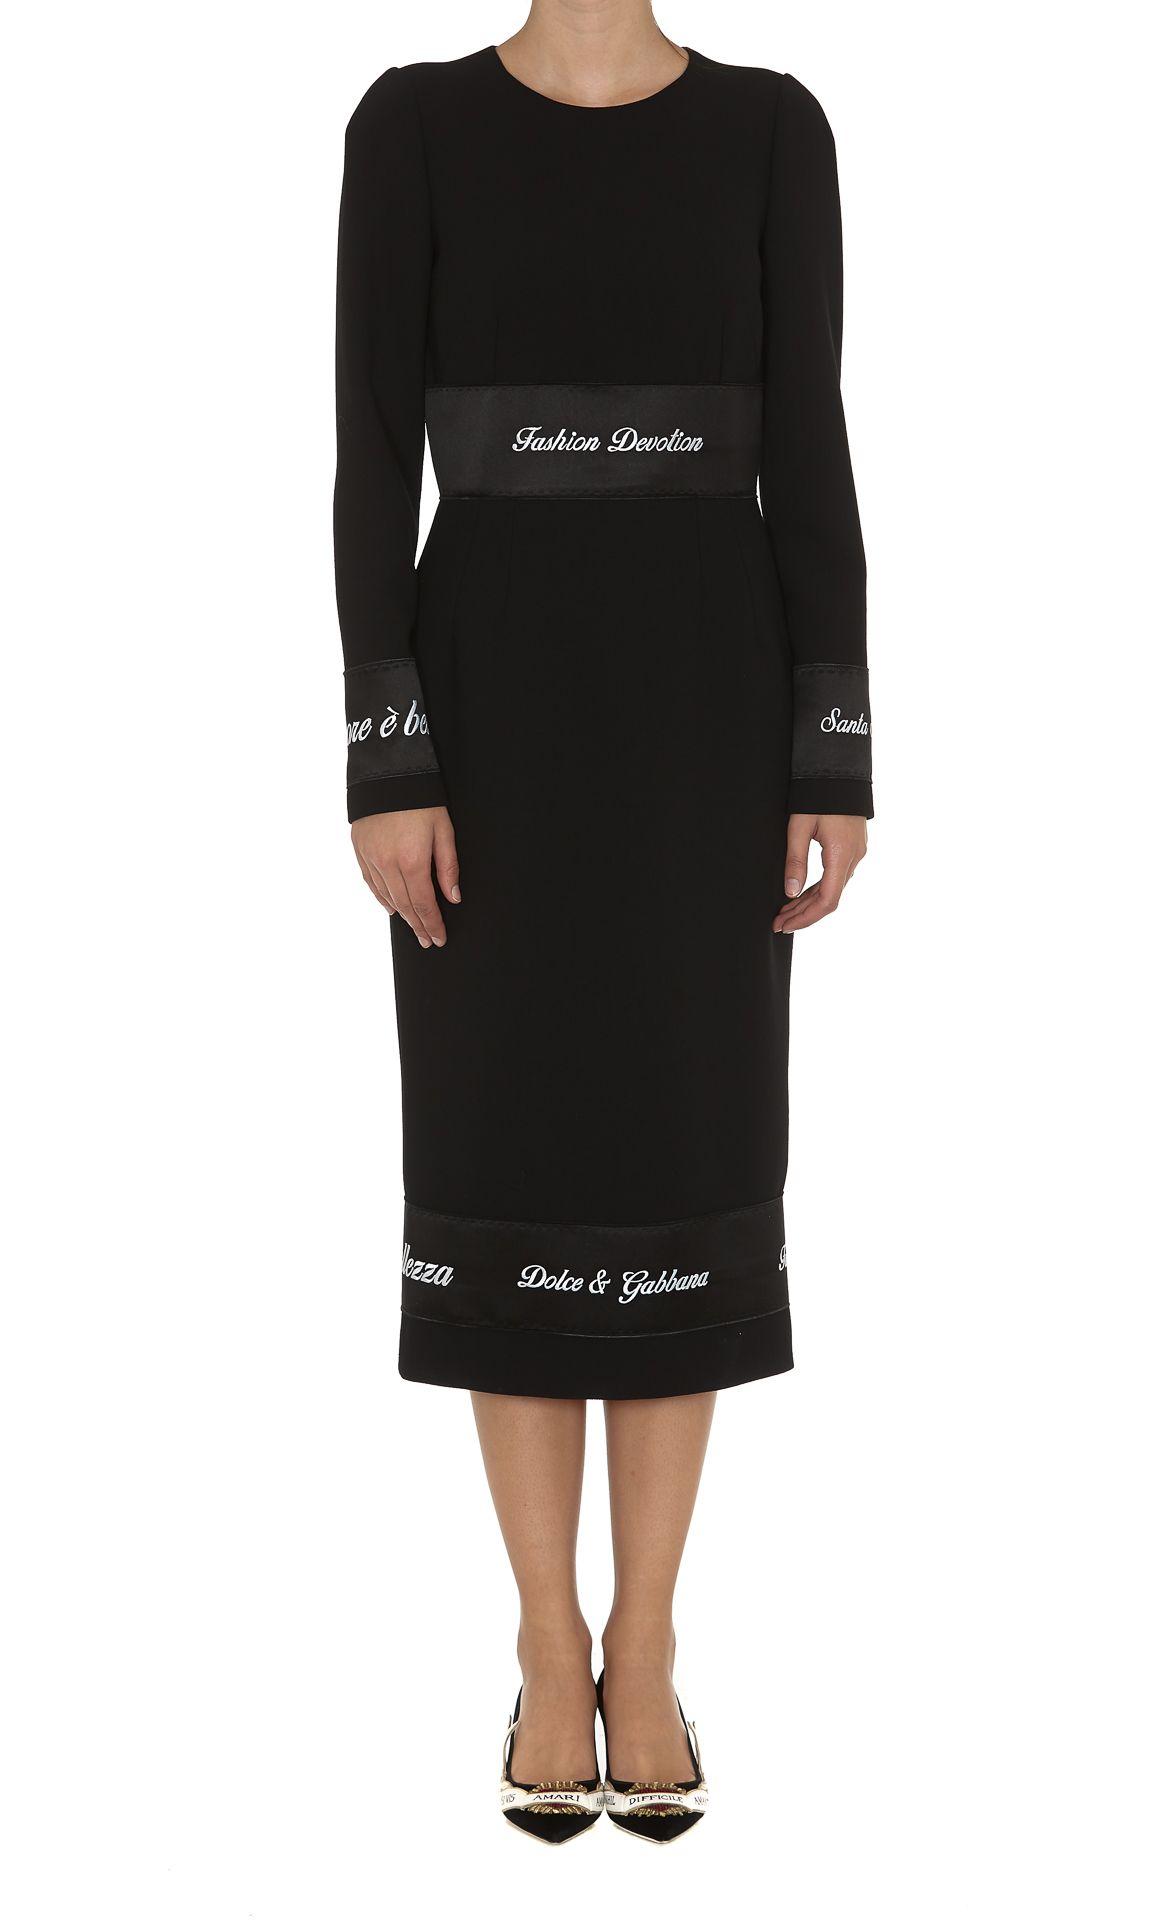 Dolce & Gabbana L'amore E' Bellezza Dress thumbnail